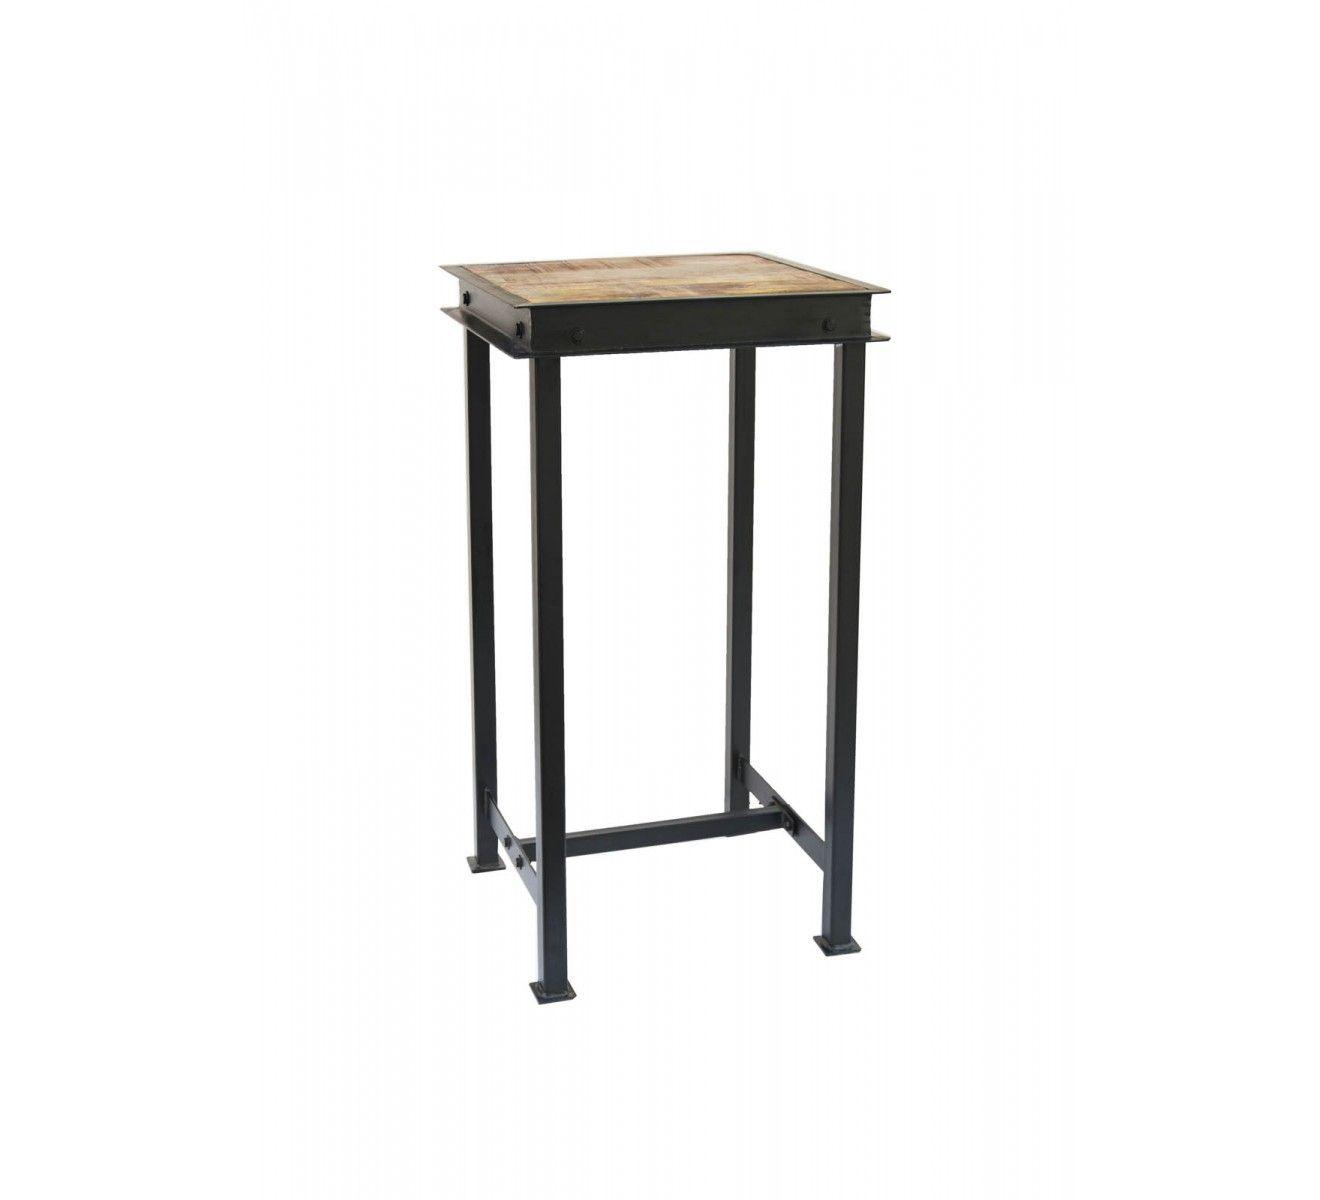 e92fe9a344e94 Tabouret de bar industriel en métal et bois  IPN